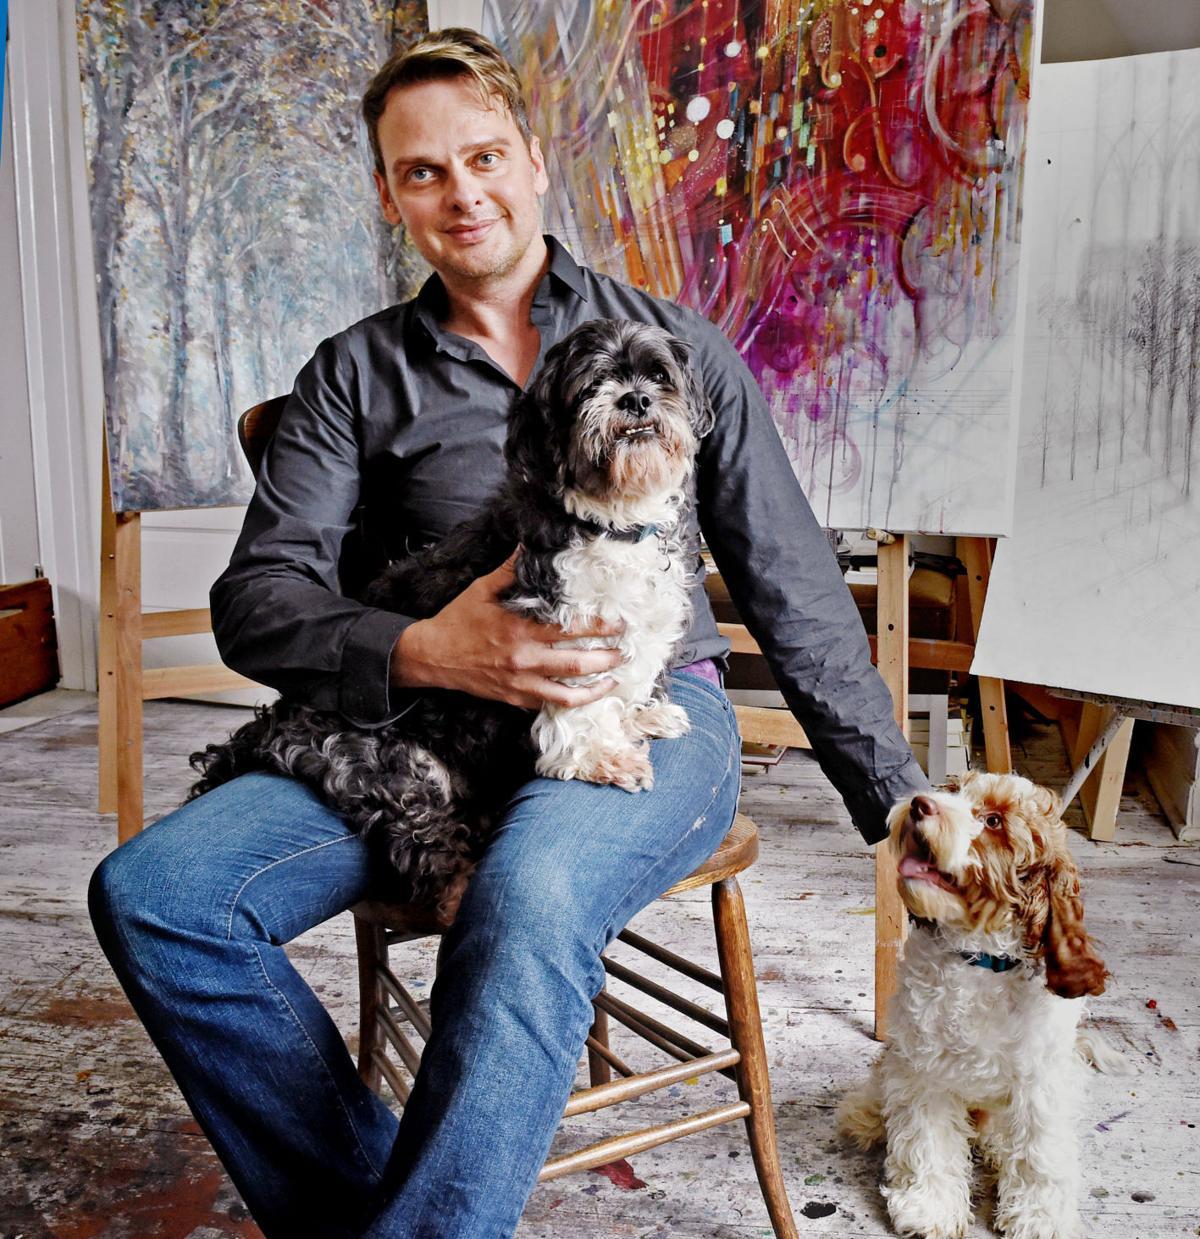 Artist Freiman Stoltzfus